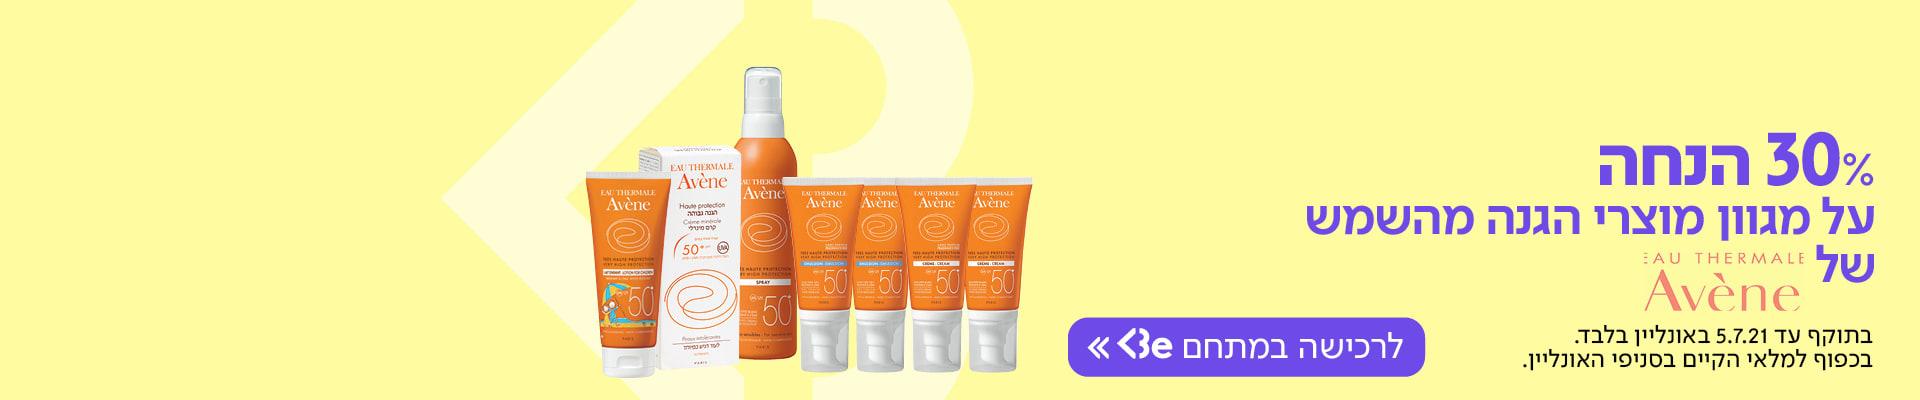 30% הנחה על מגוון מוצרי הגנה מהשמש של Avene שמש.בתוקף עד 5.7.21.21 באונליין בלבד. בכפוף למלאי הקיים בסניפי האונליין. הכנסו למתחם Be לרכישה>>